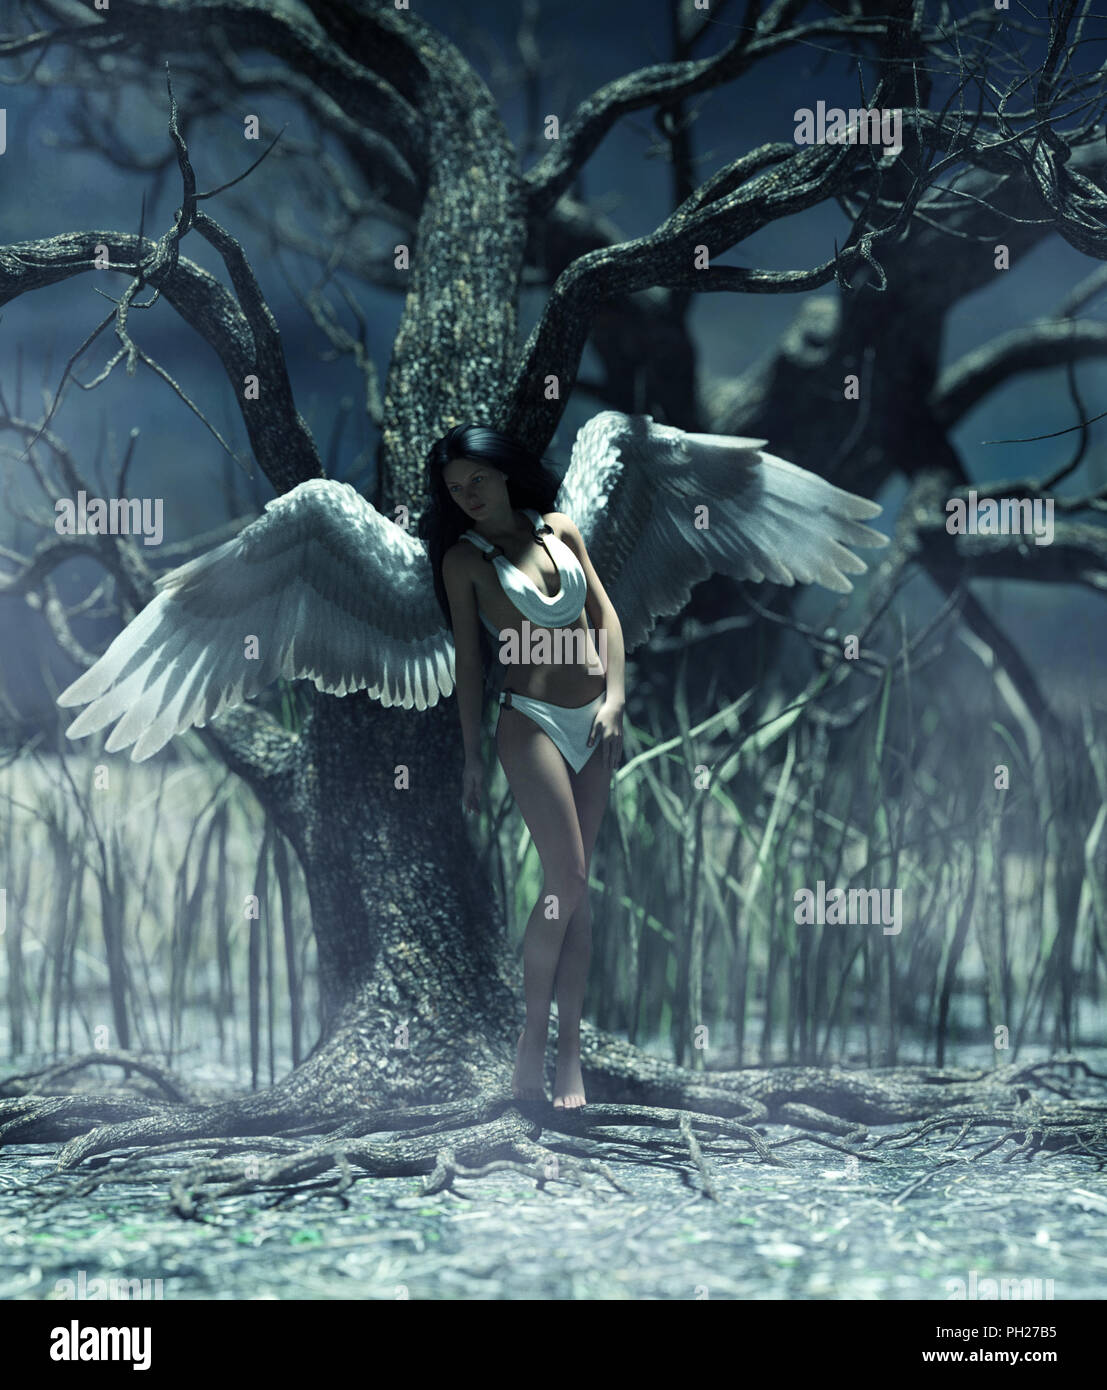 Ein Engel in mystischen Wald, 3d-Grafik für Buchillustration oder Buch Cover Stockbild